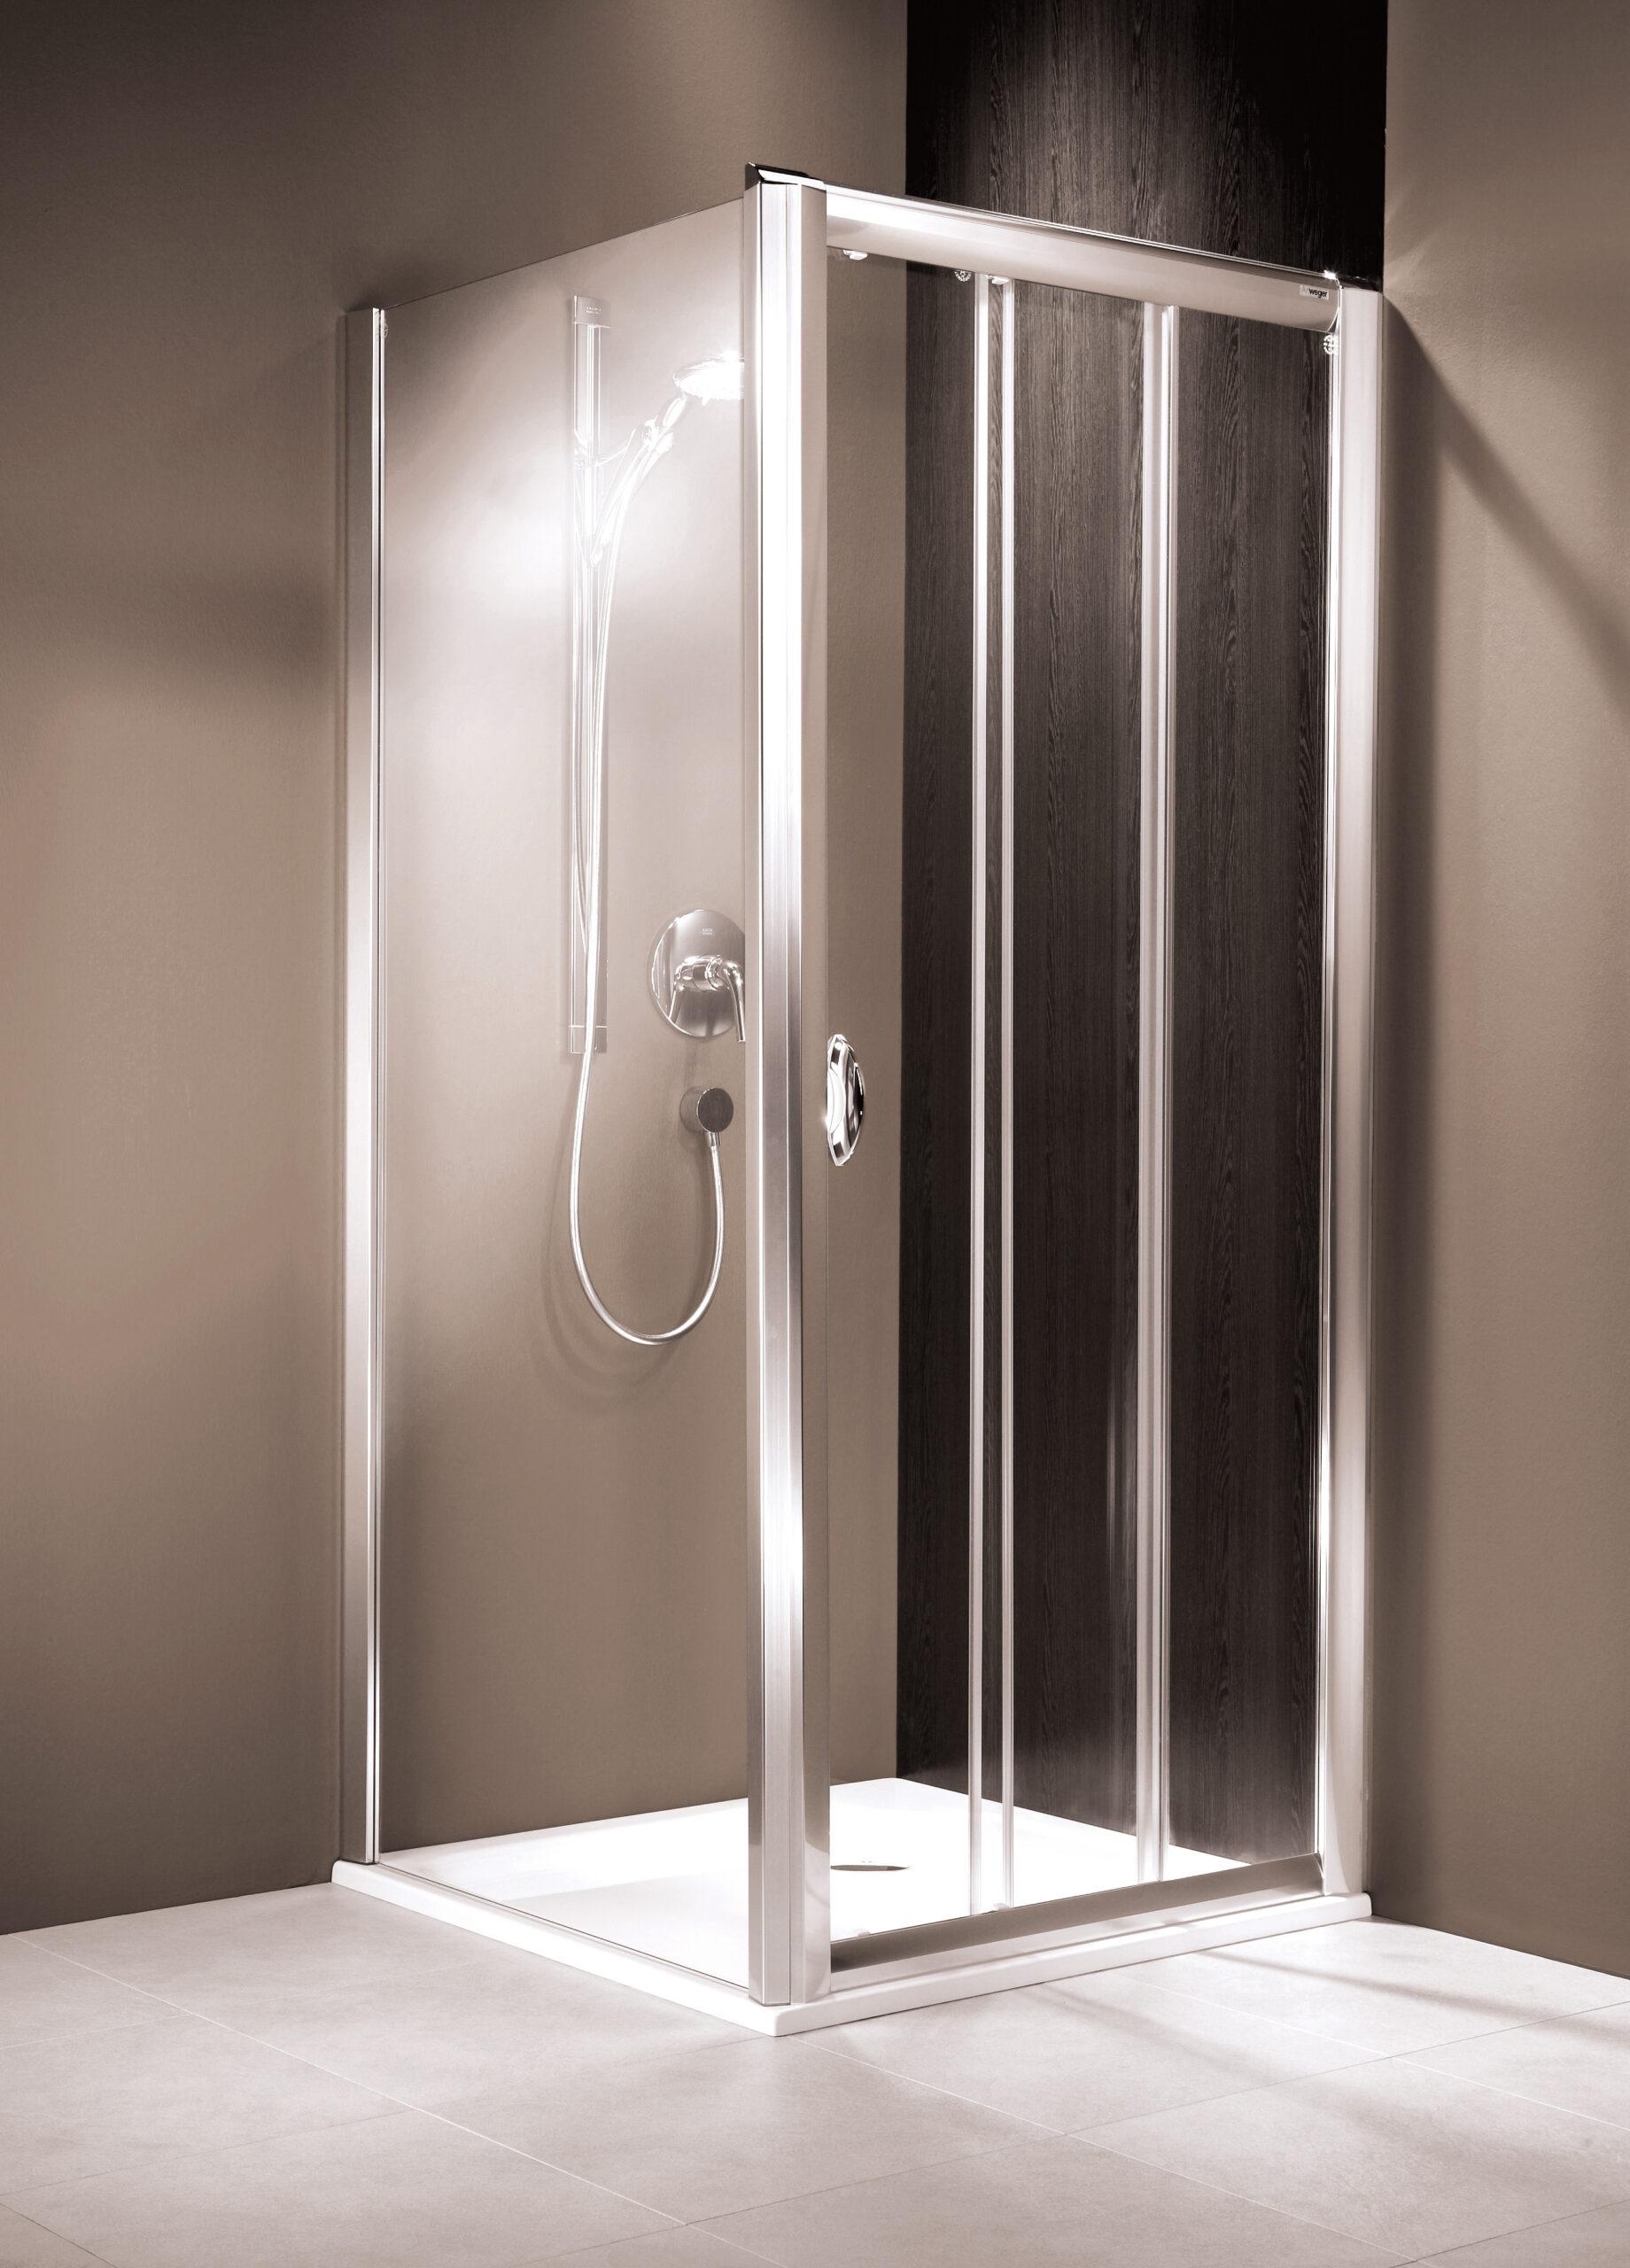 Full Size of Schiebetür Dusche Lifeline Mit Jeder Menge Komfort Artweger Nischentür Siphon Bodengleiche Nachträglich Einbauen Bluetooth Lautsprecher Ebenerdig 80x80 Dusche Schiebetür Dusche